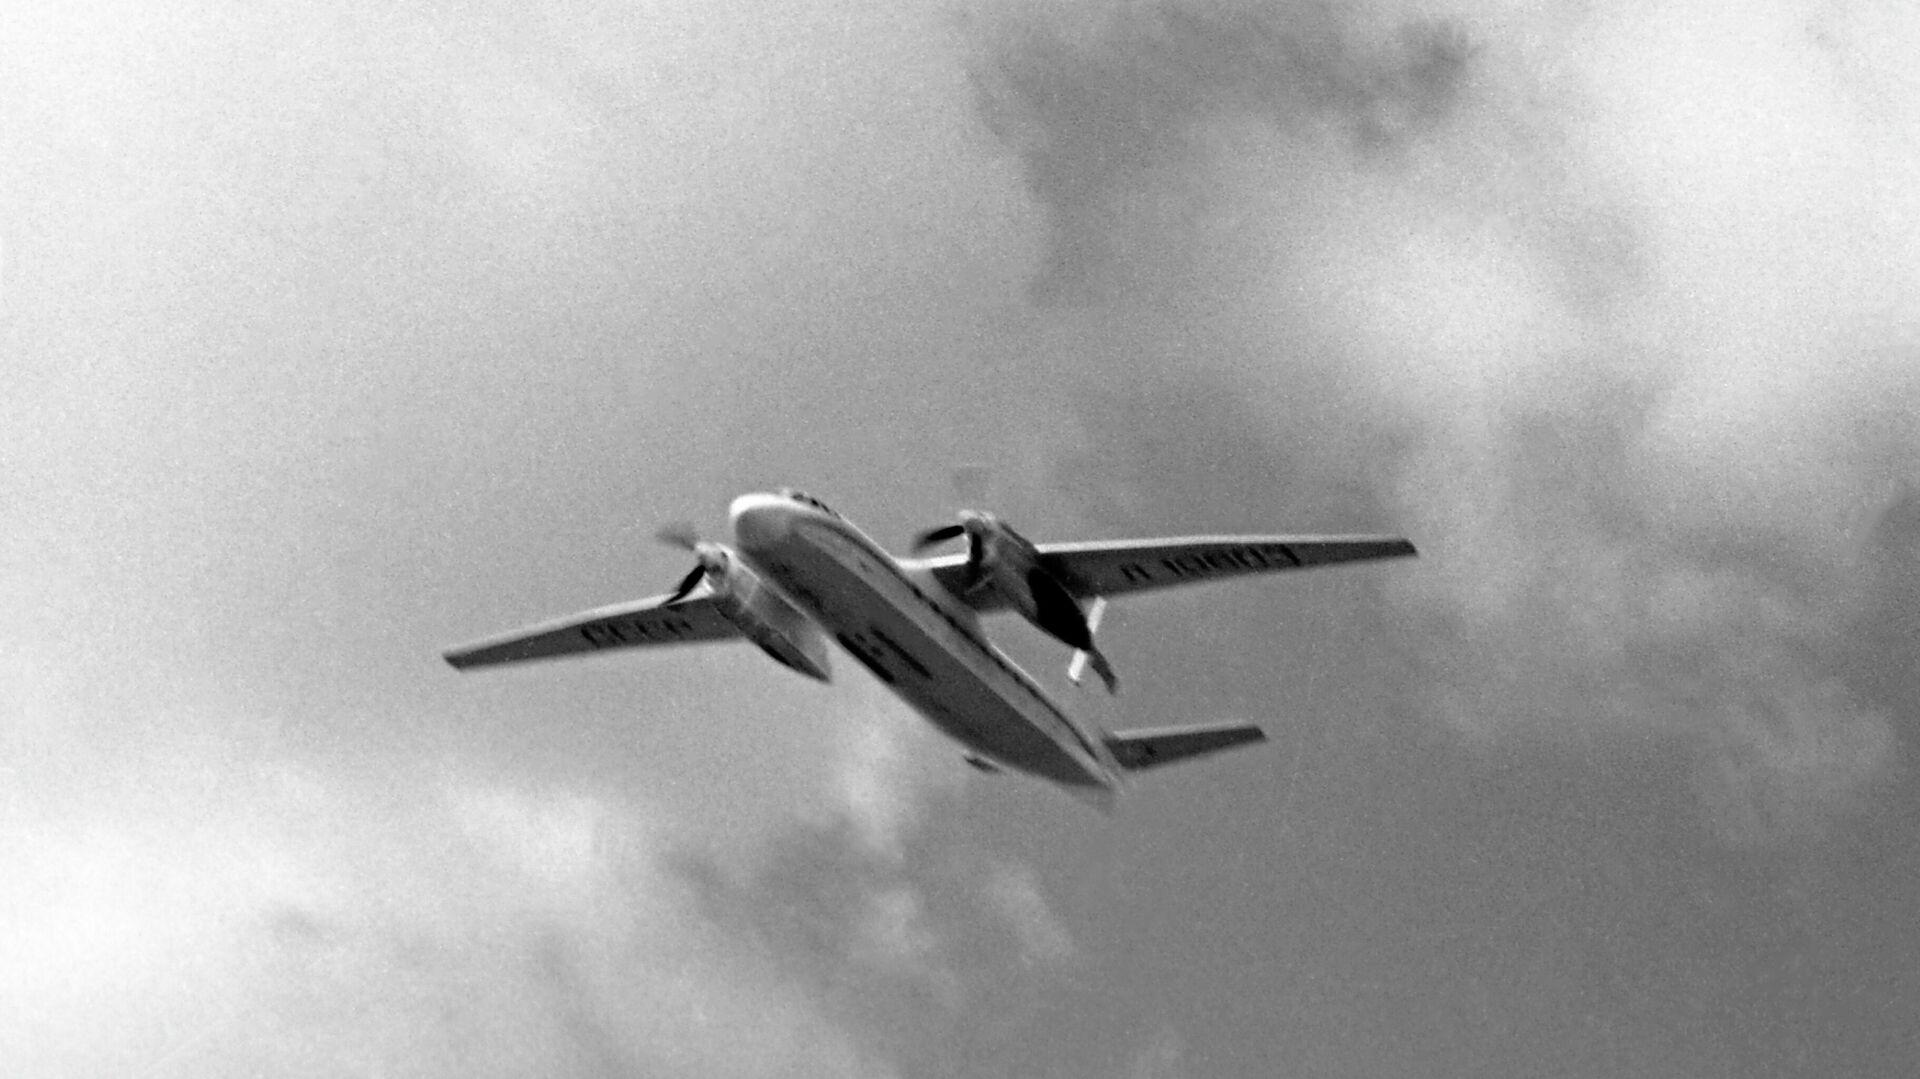 Советский самолет АН-24  - РИА Новости, 1920, 21.01.2021